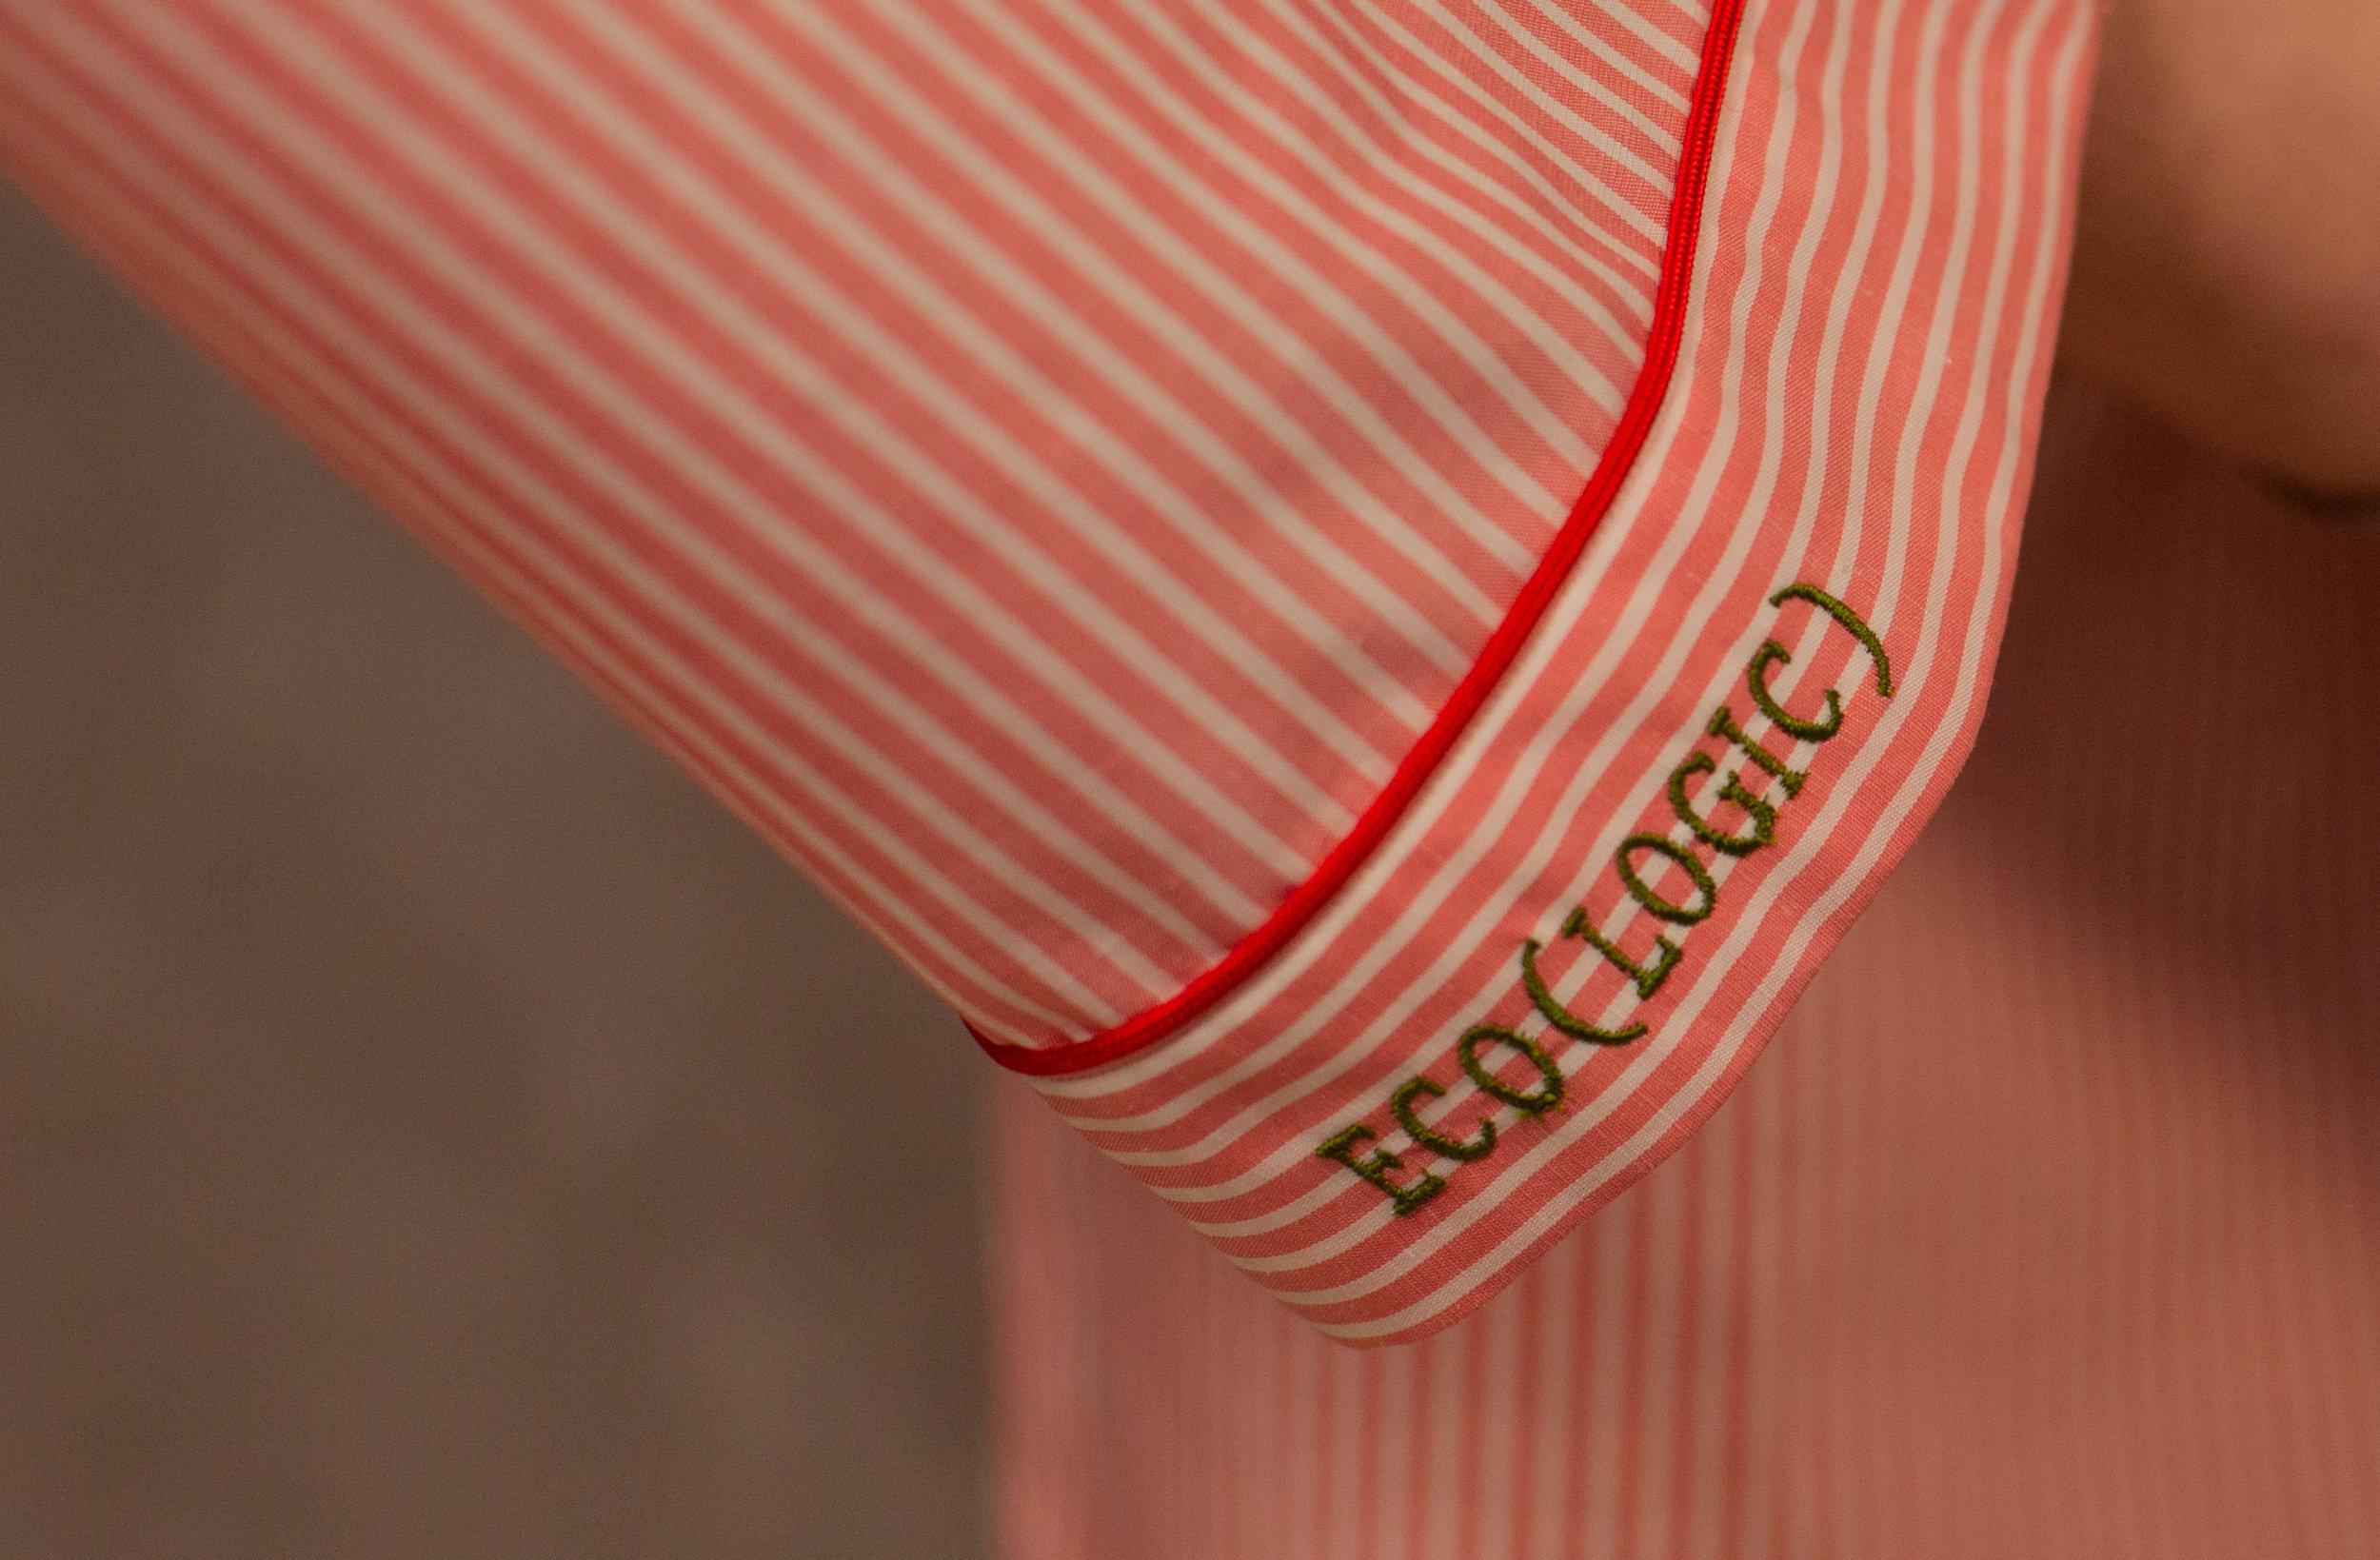 Eco(logic)_Mdmxdouk_pajamas_(c)Alessandro Rafanelli.jpg